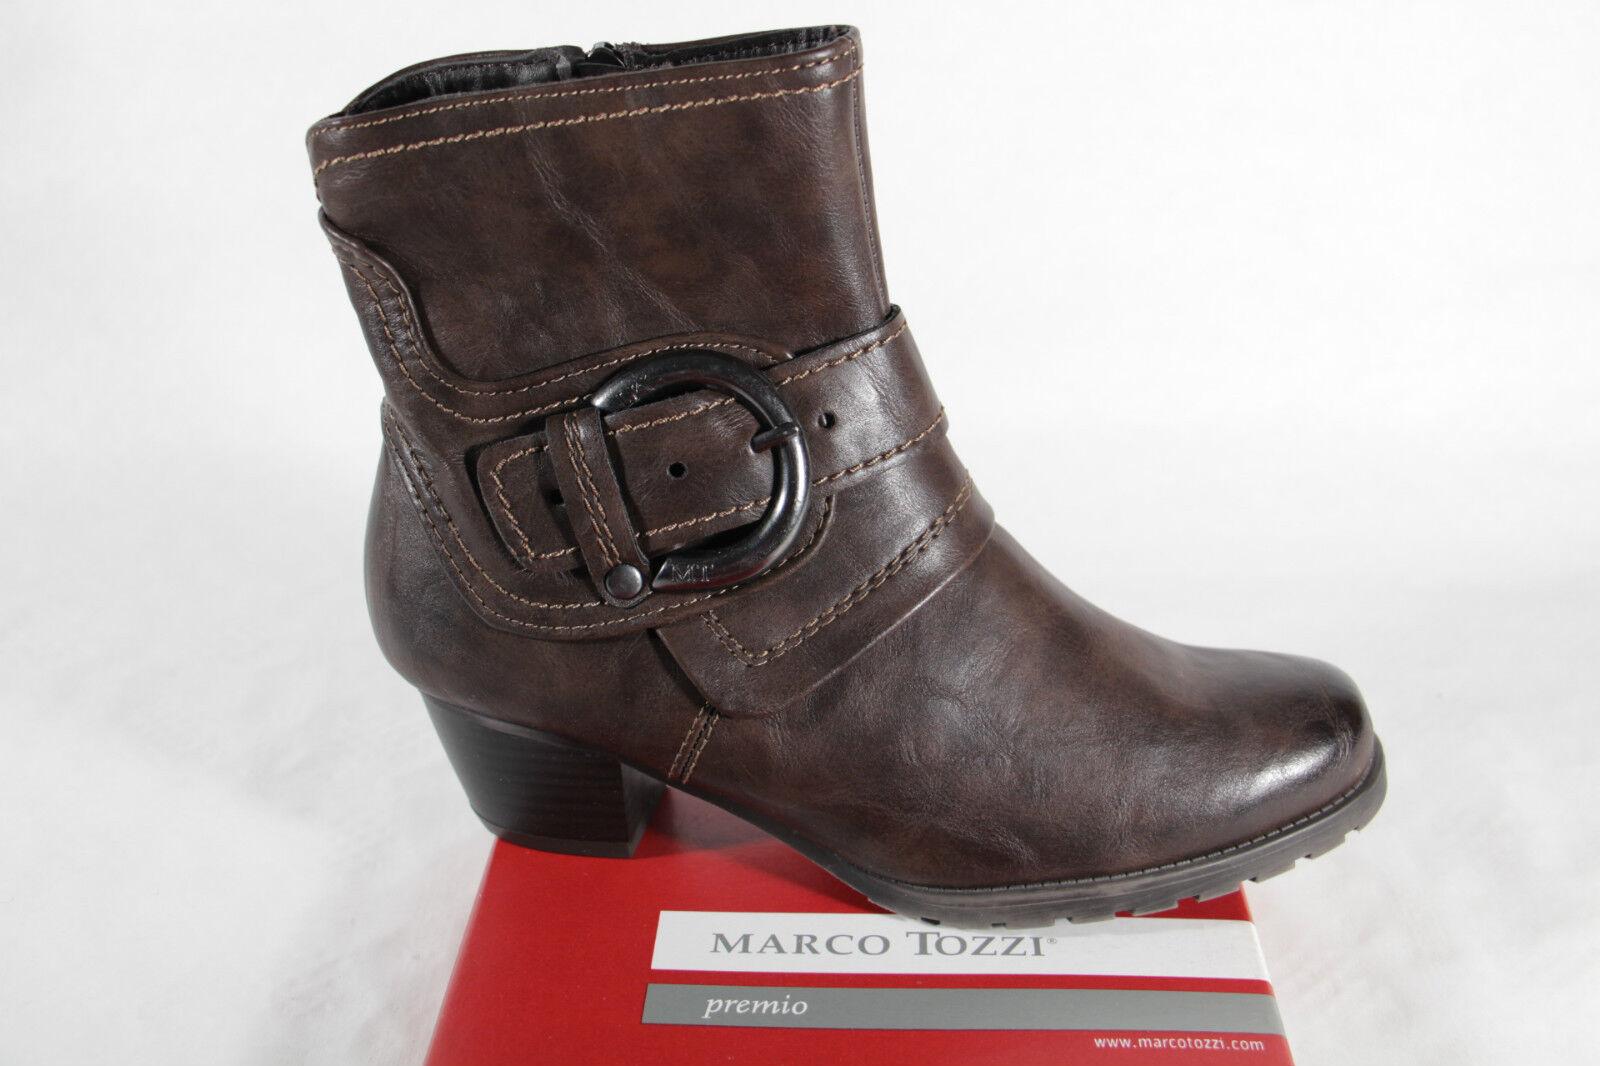 Marco Tozzi botas,Marrón,Ligero Forradas. Rv Nuevo